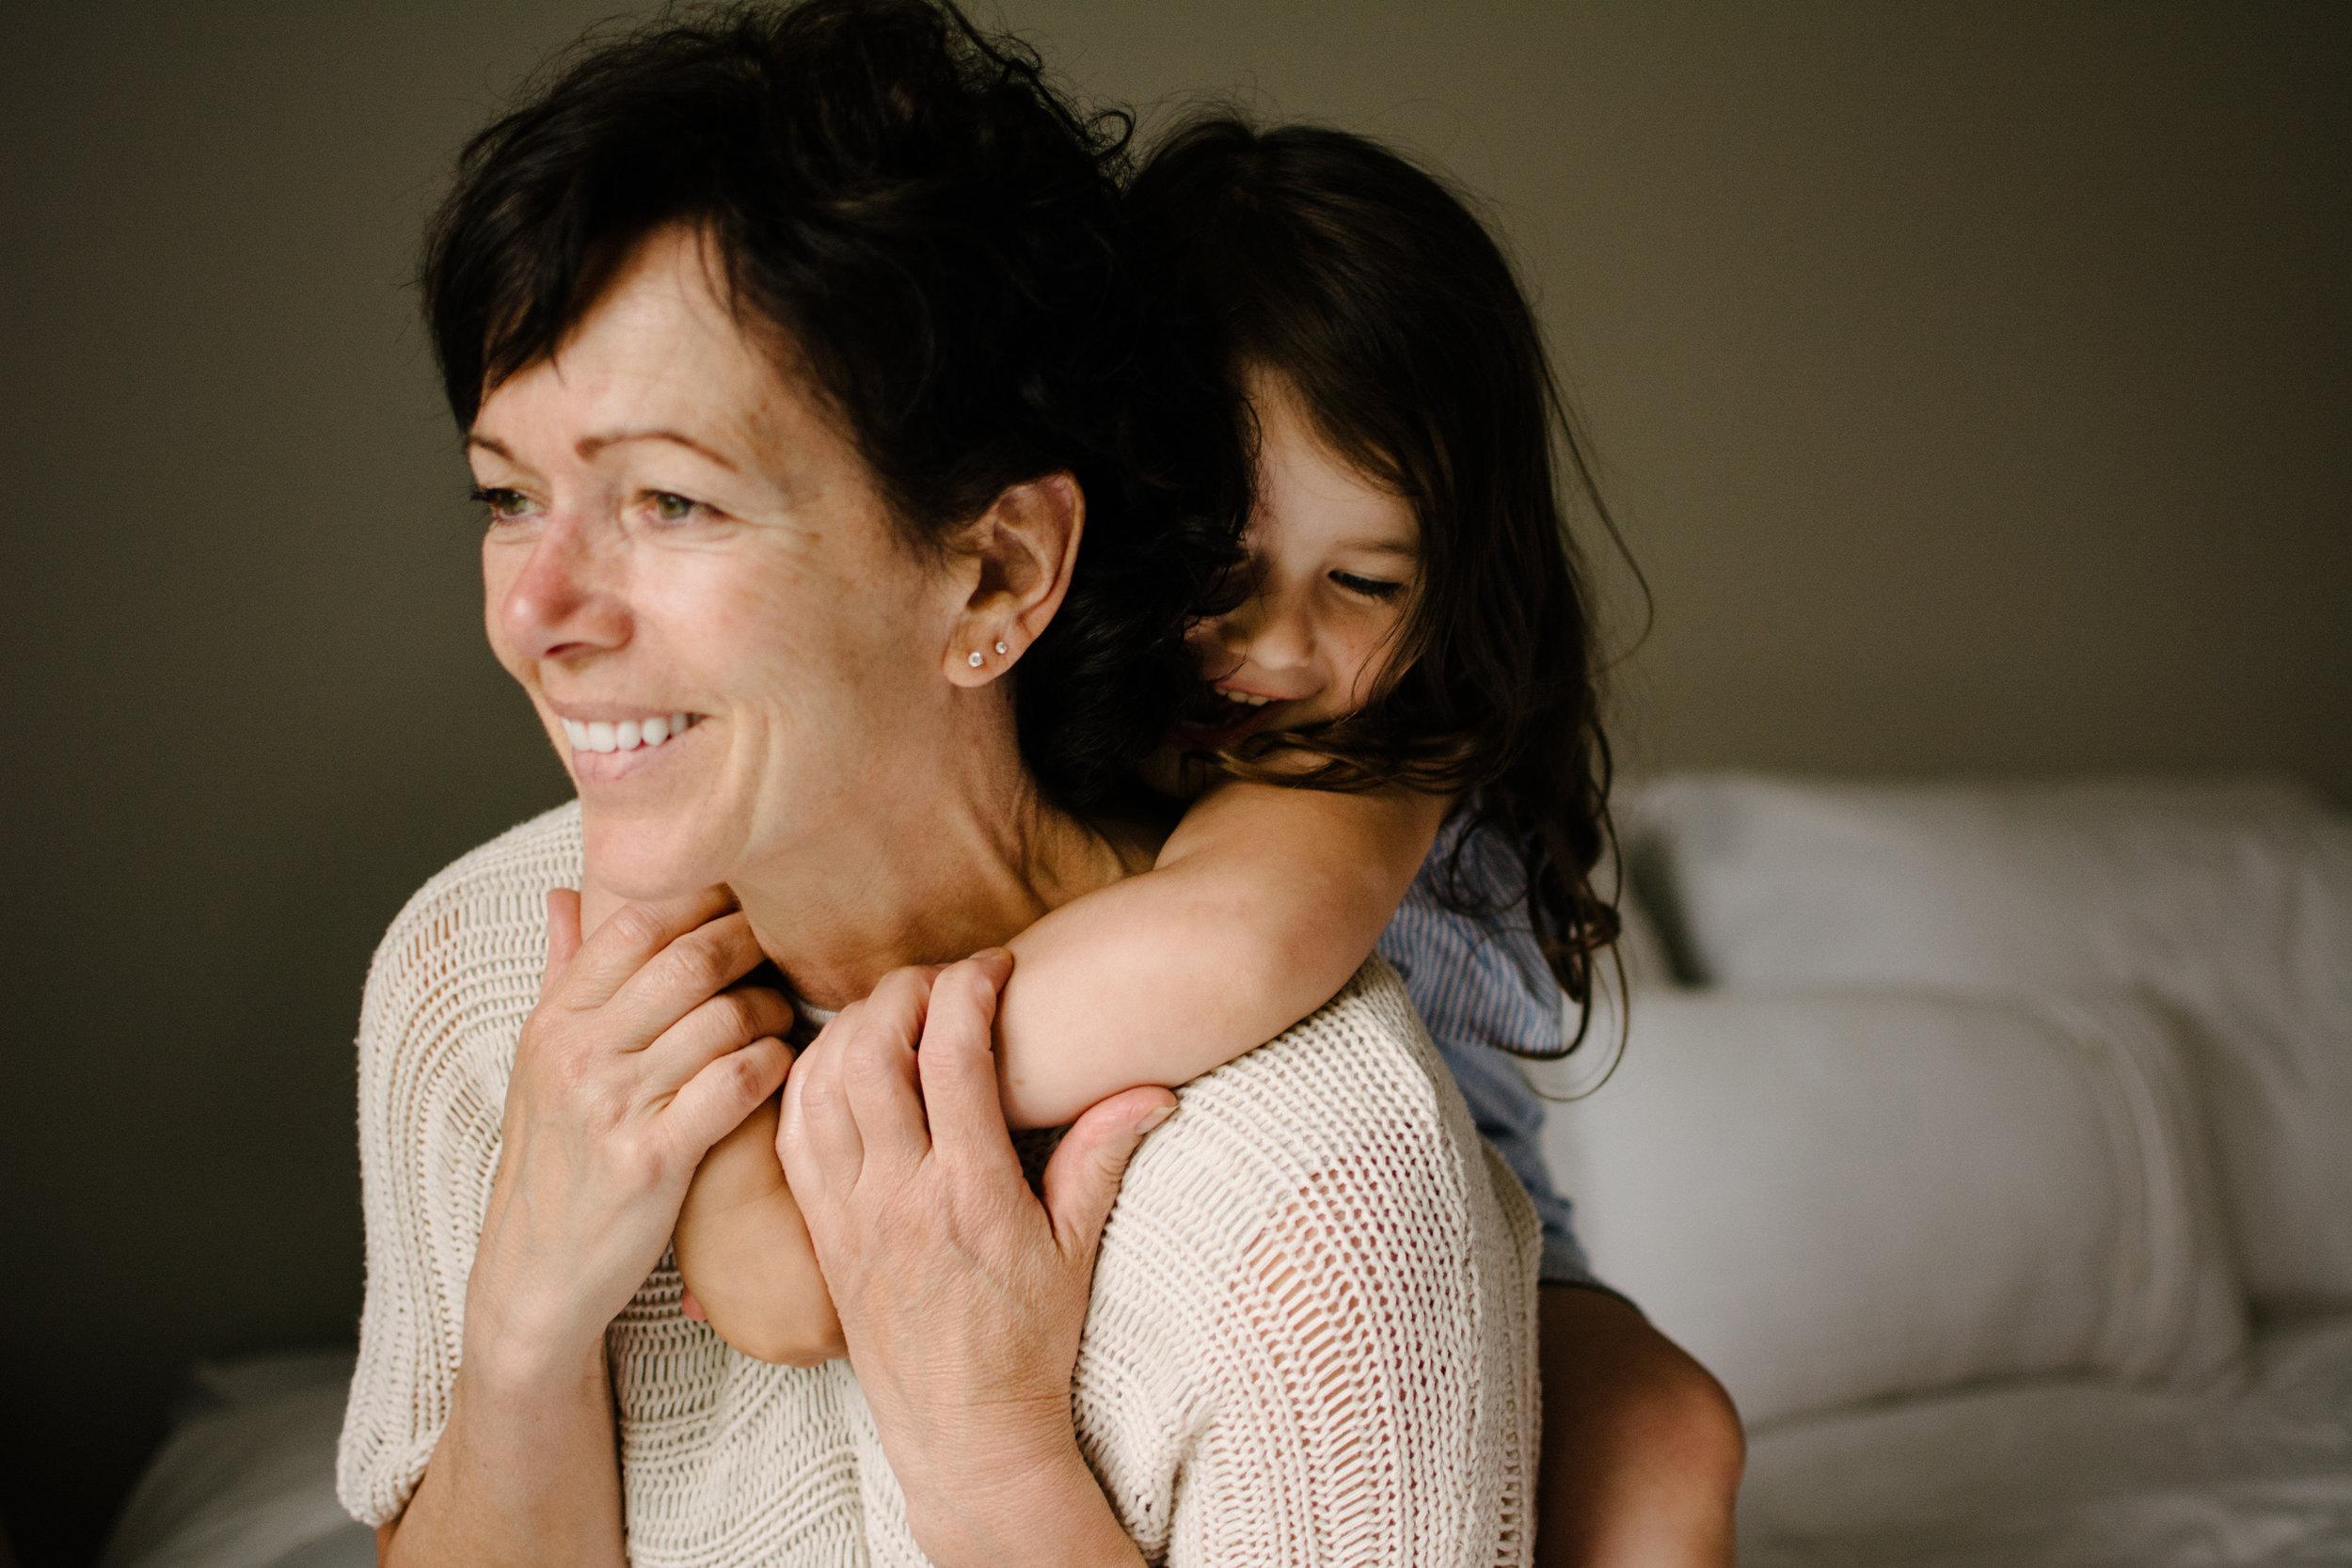 photo-d-une-petite-fille-accrochee-sur-le-dos-de-sa-grand-maman-qui-sourit-photographe-lifestyle-famille-et-nouveau-ne-a-montreal-marianne-charland-377.jpg